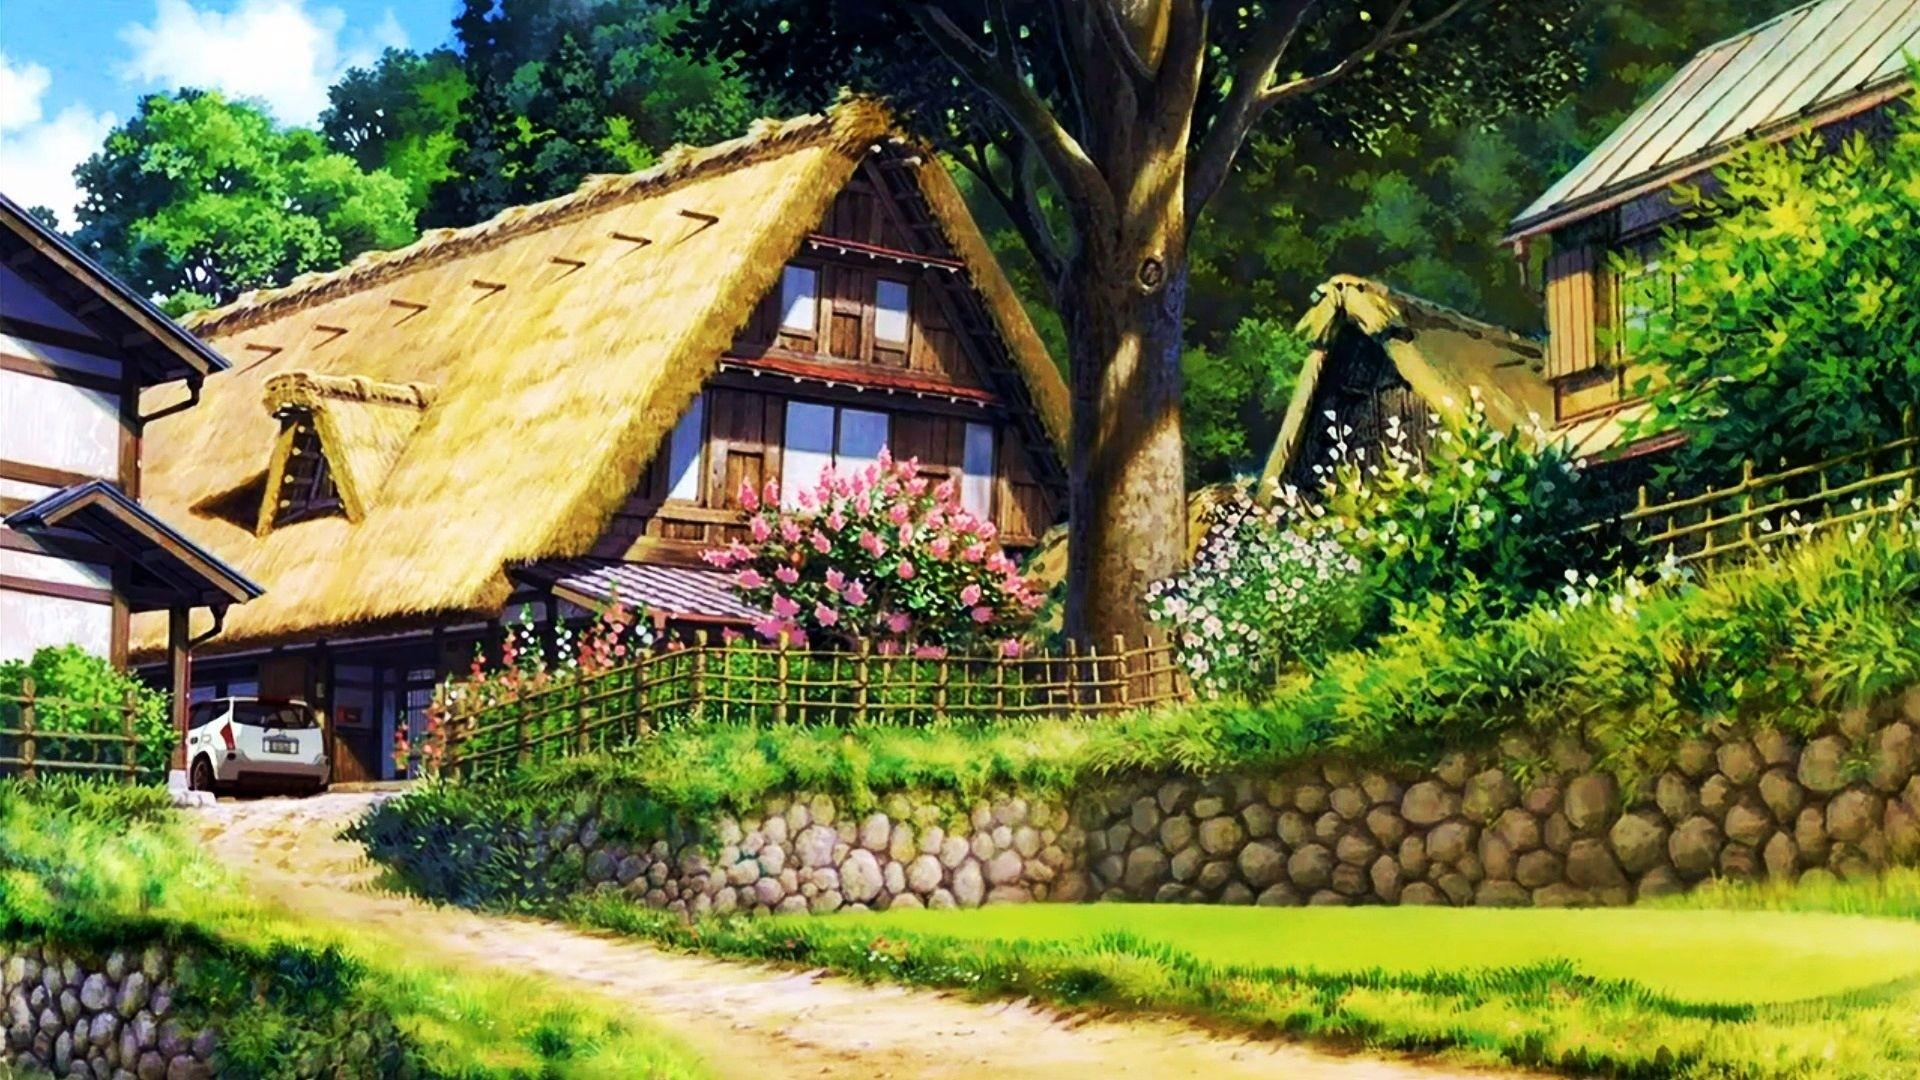 Leaf Village Image